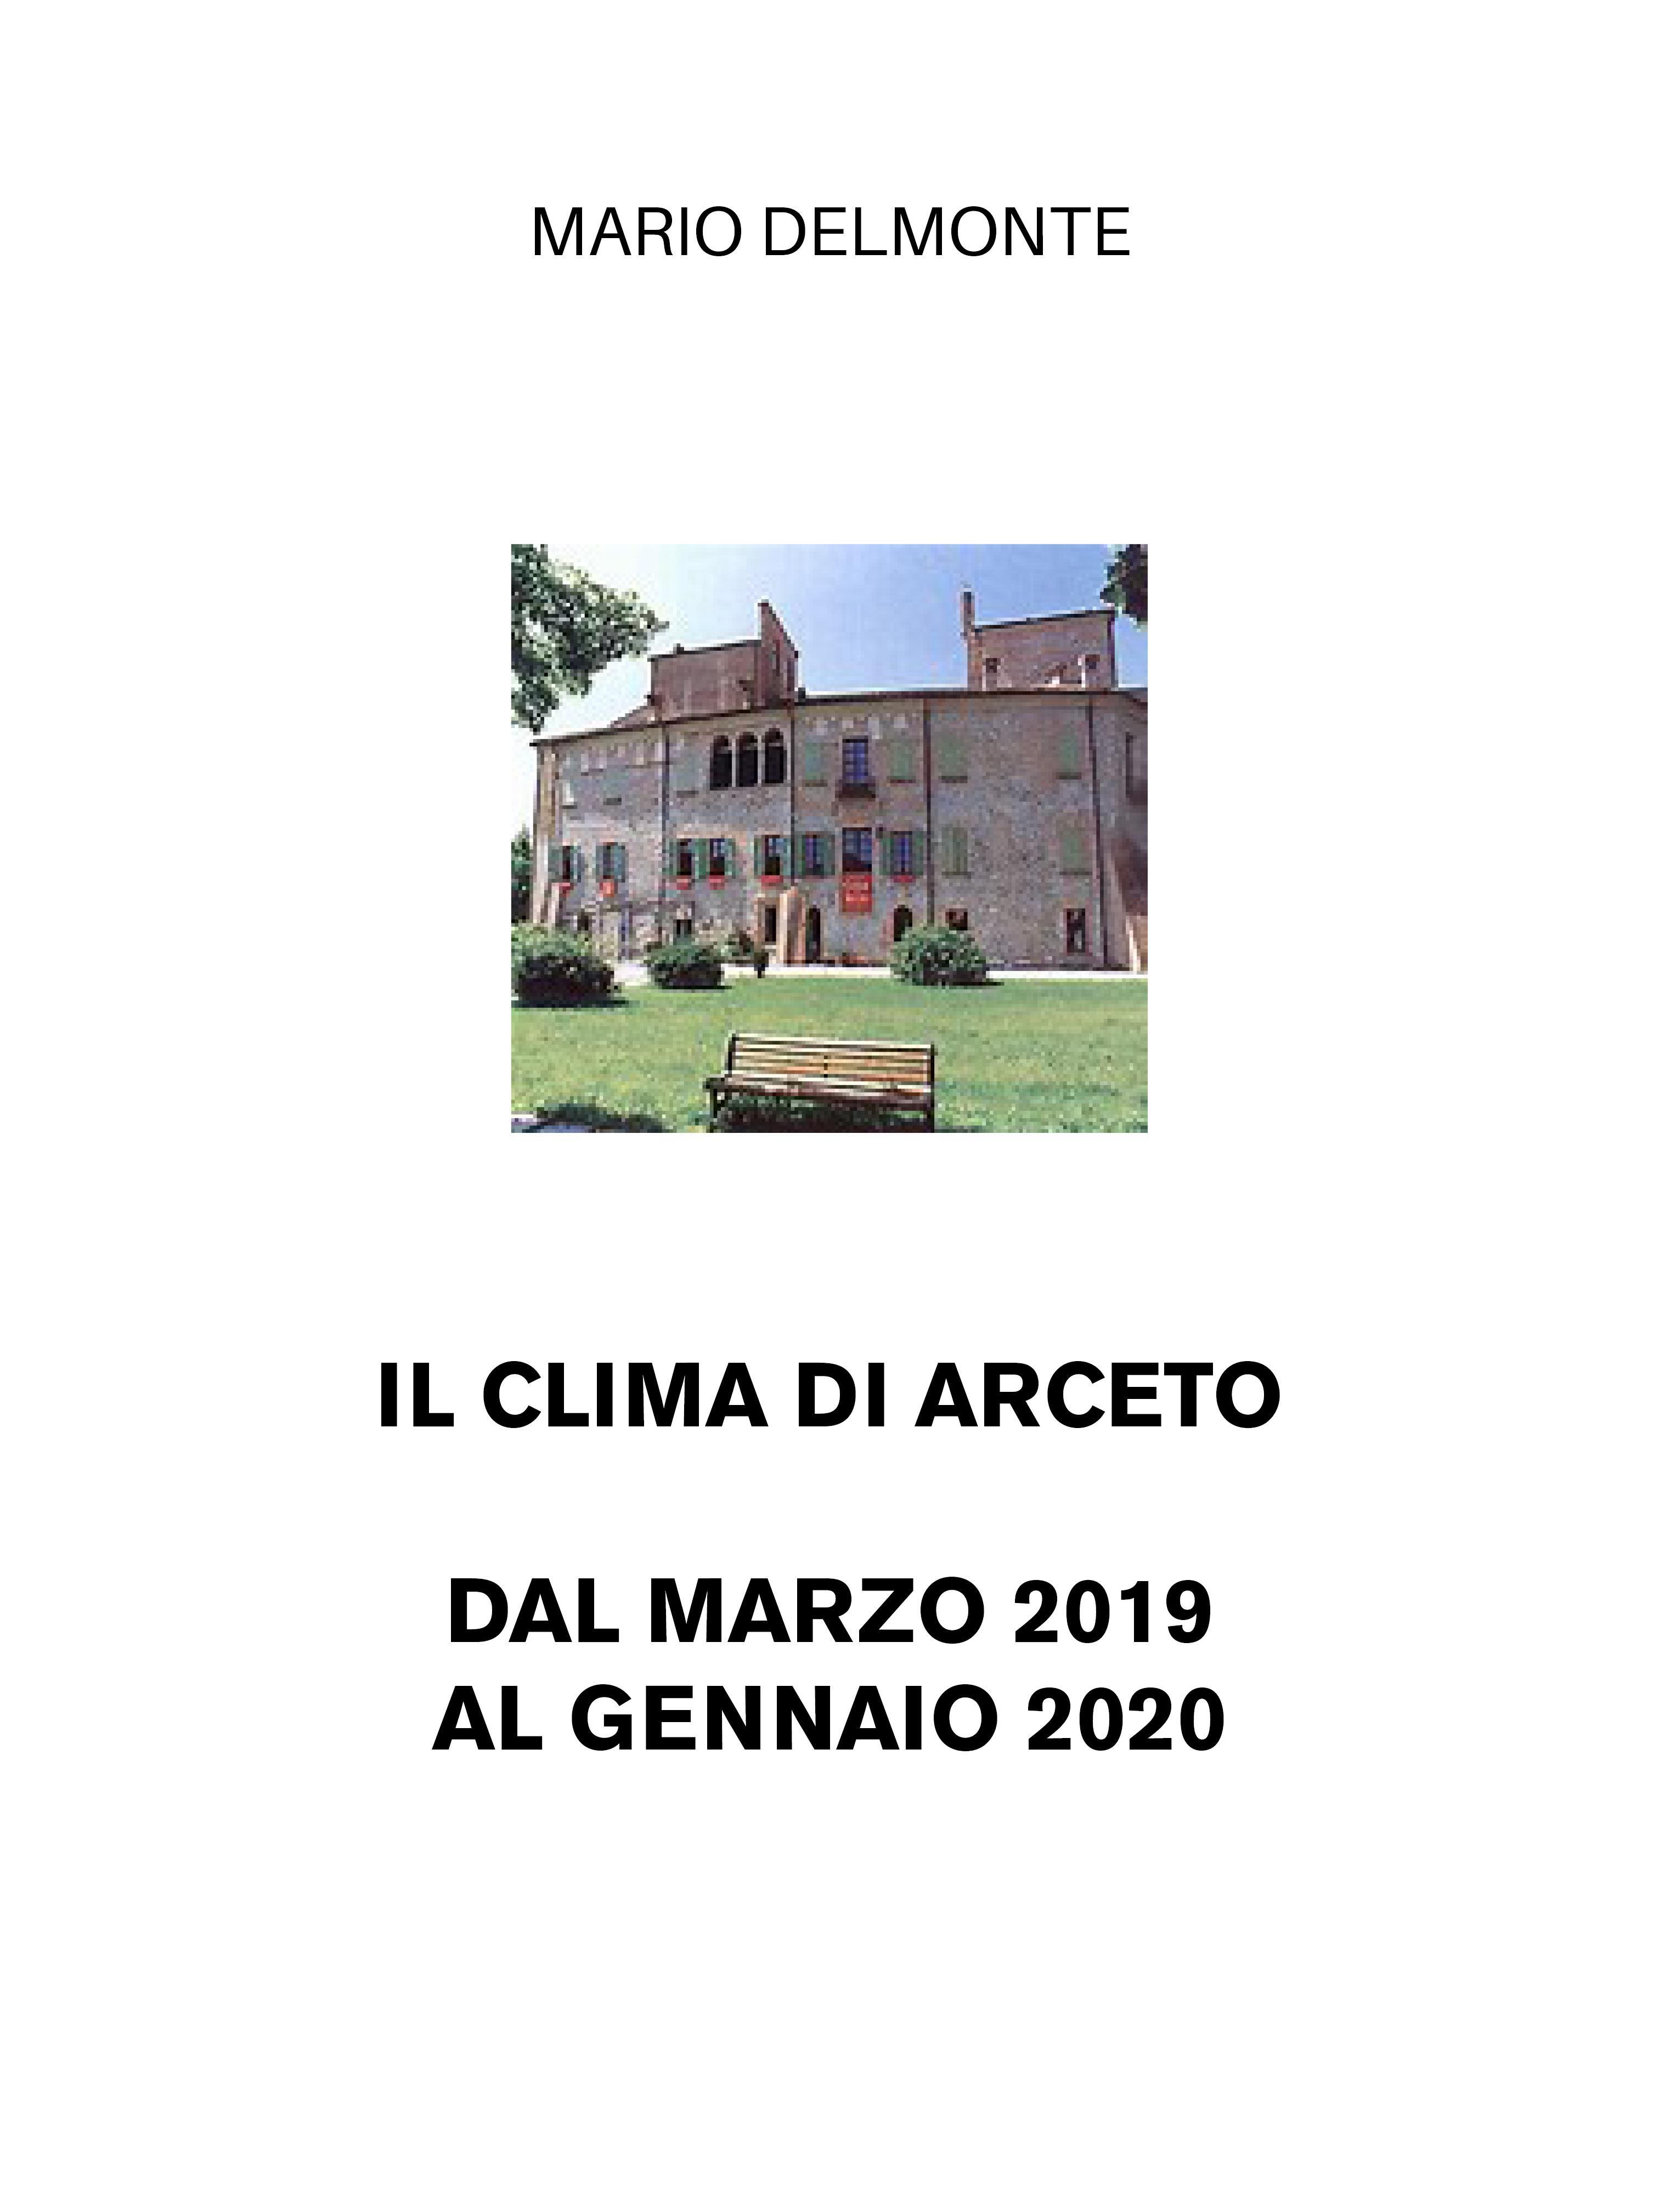 Il clima di Arceto dal marzo 2019 al gennaio 2020